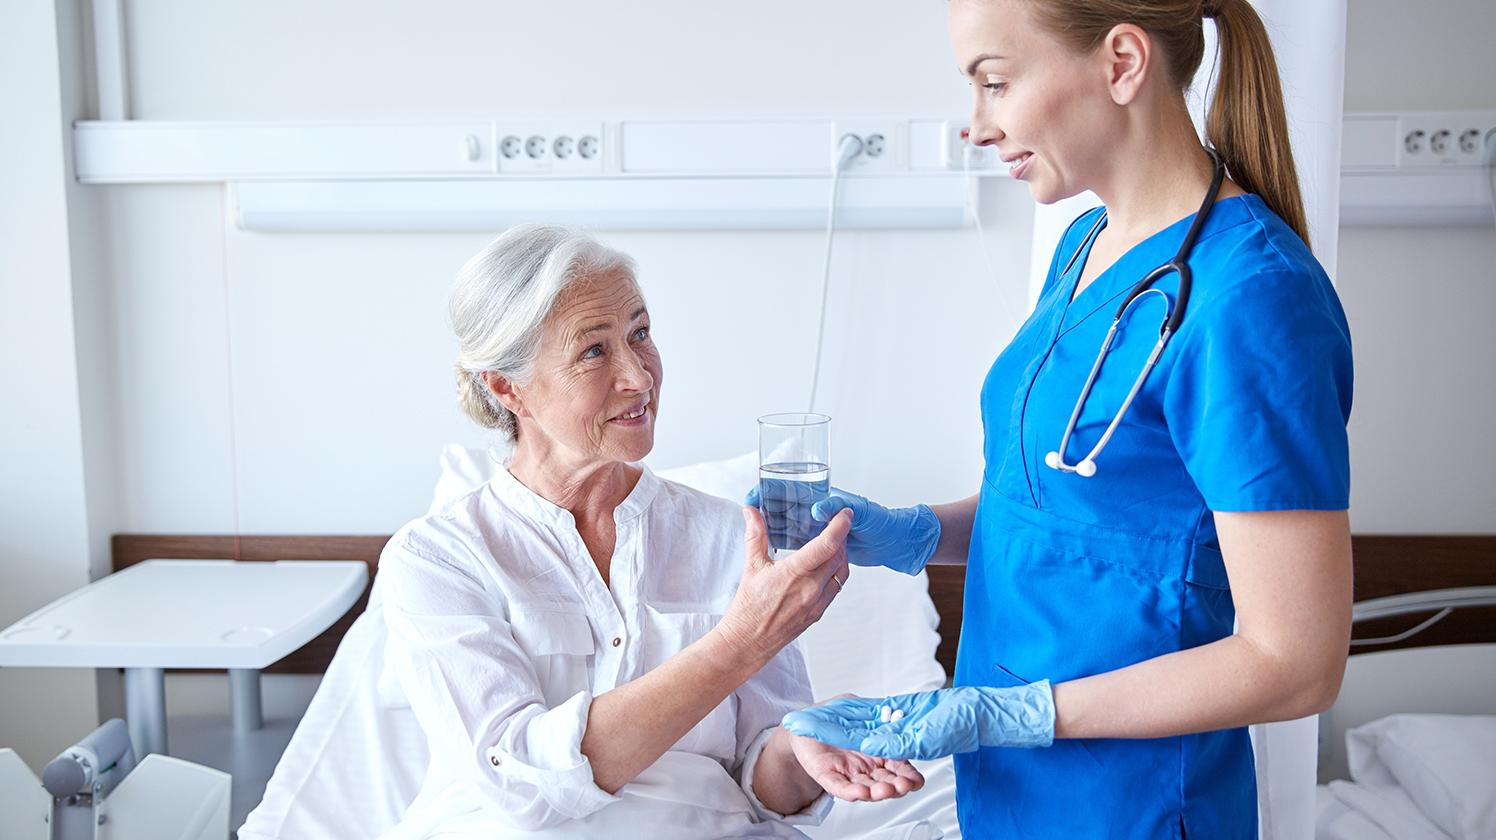 fontaine à eau hôpital santé femme âgée